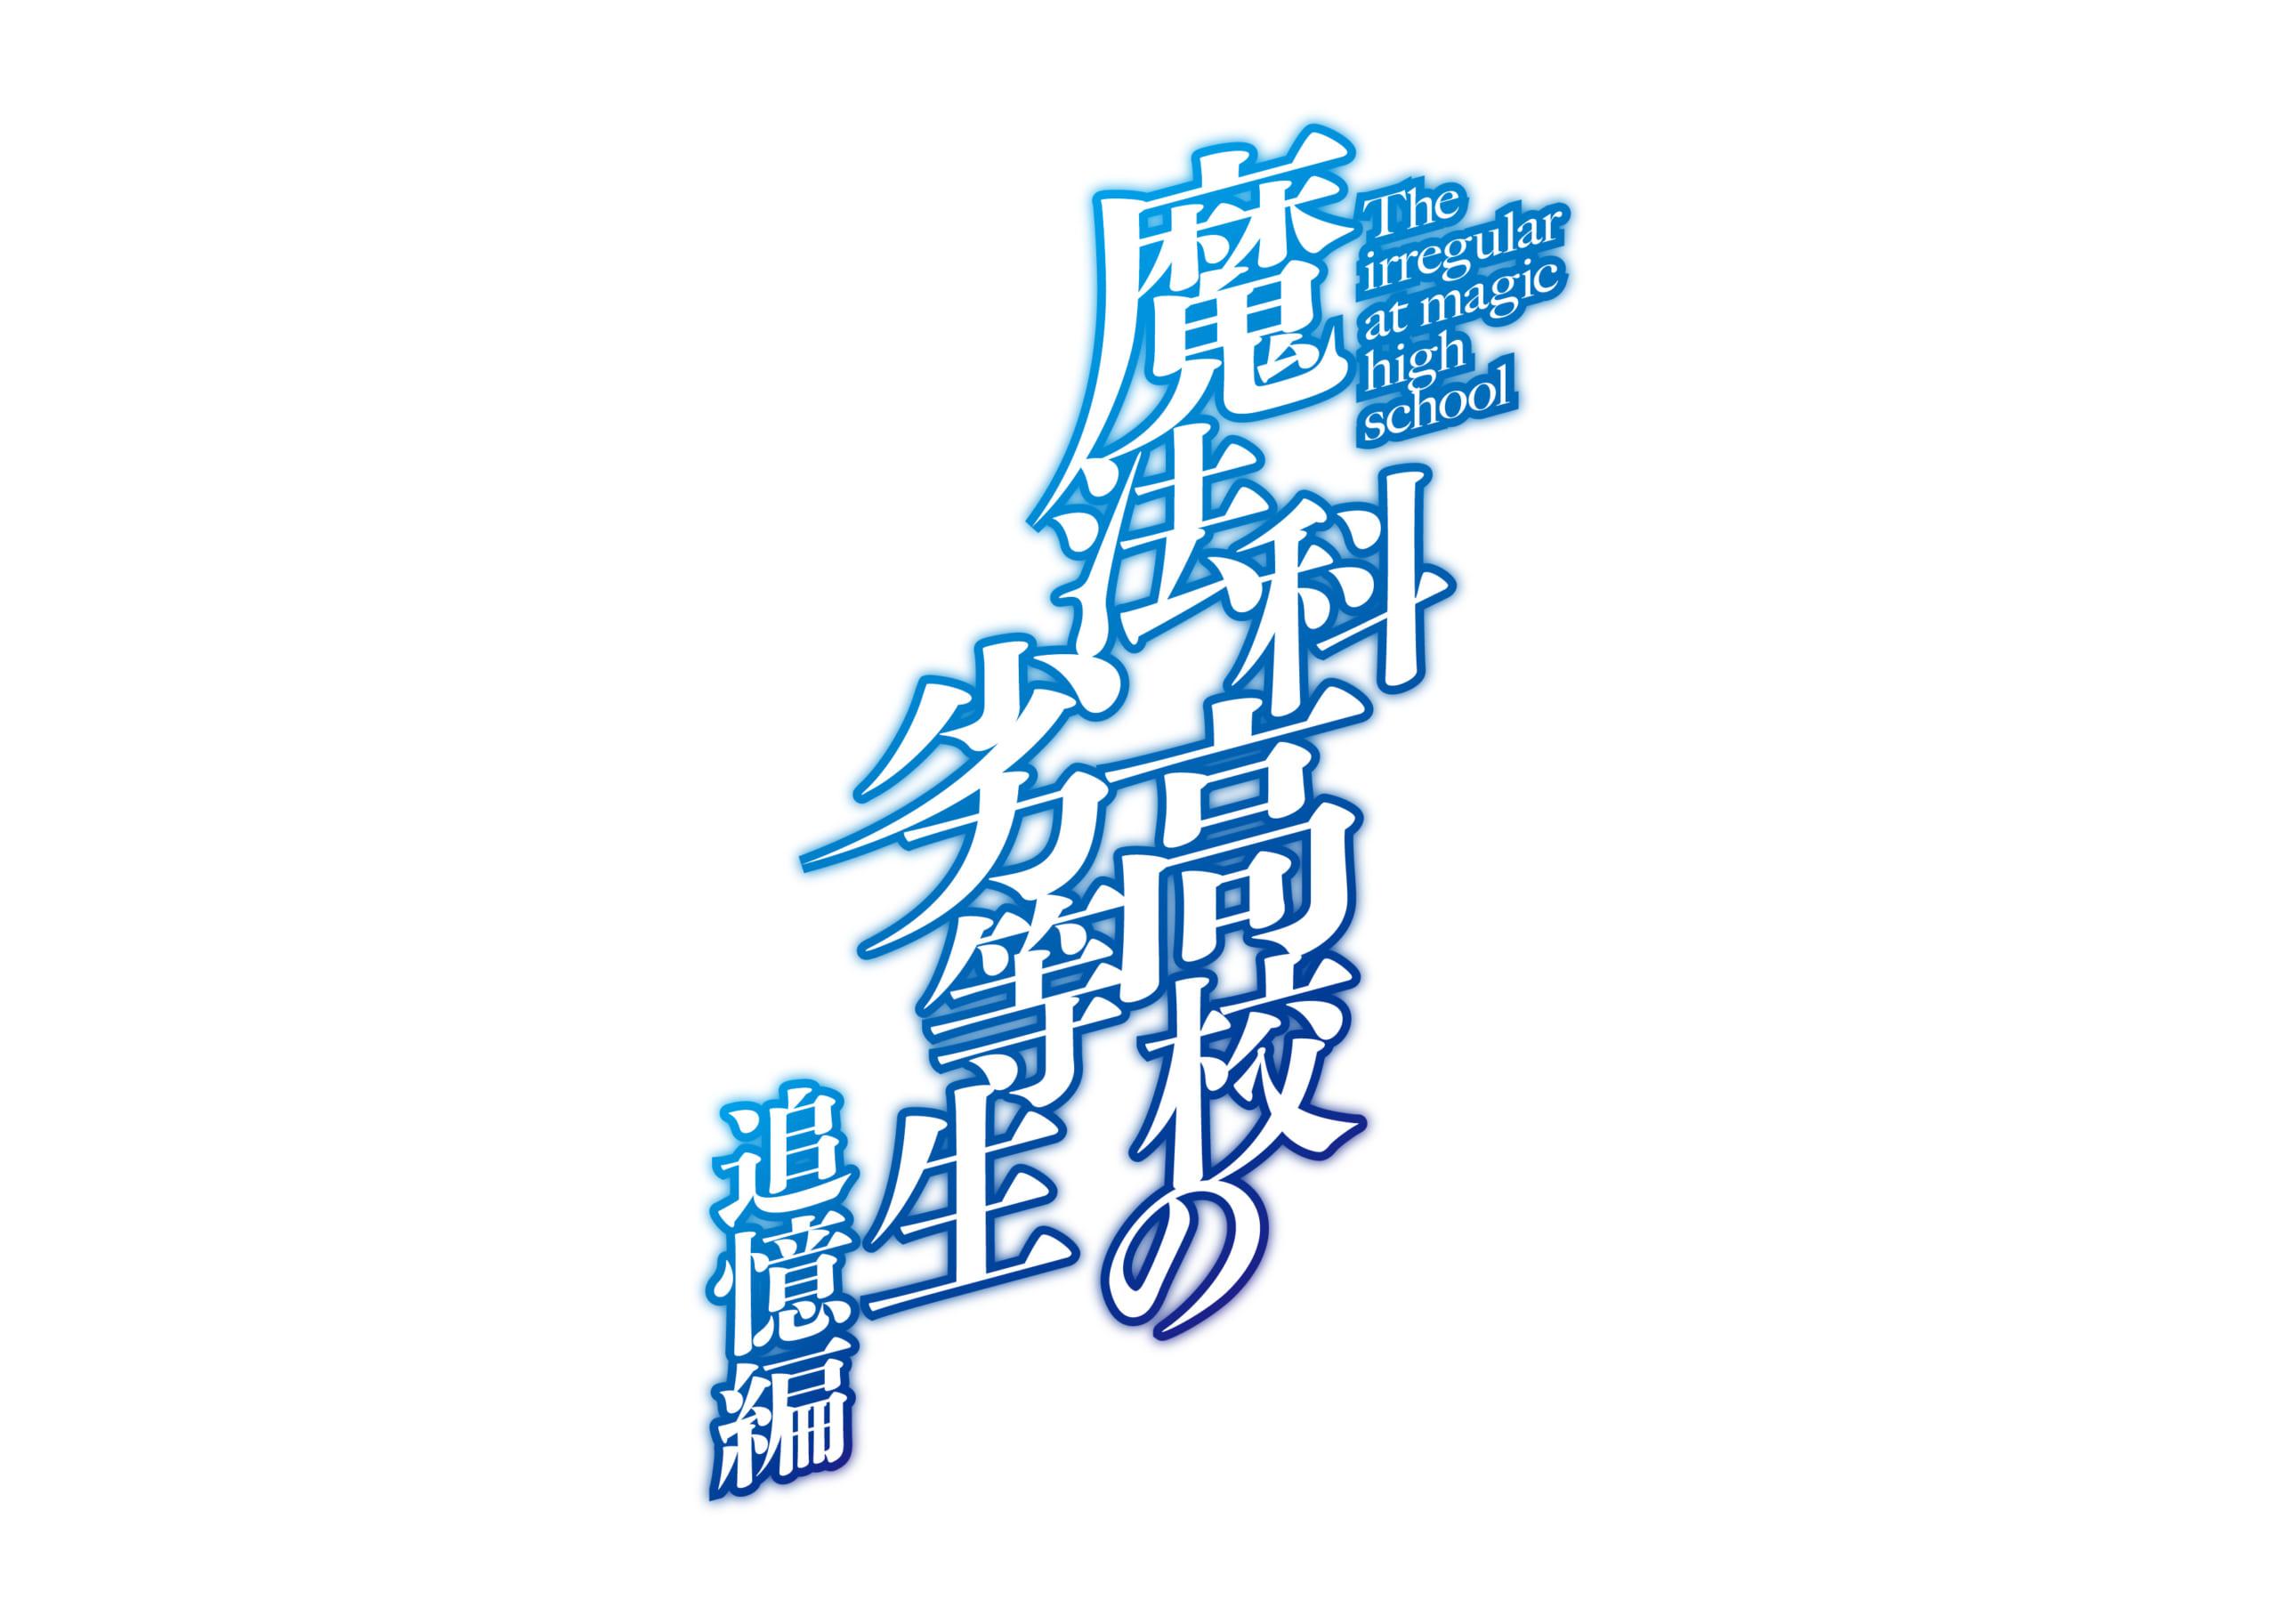 「魔法科高校の劣等生 追憶編 」アニメ制作決定!原作小説ファンにも人気のエピソードがついにアニメ化